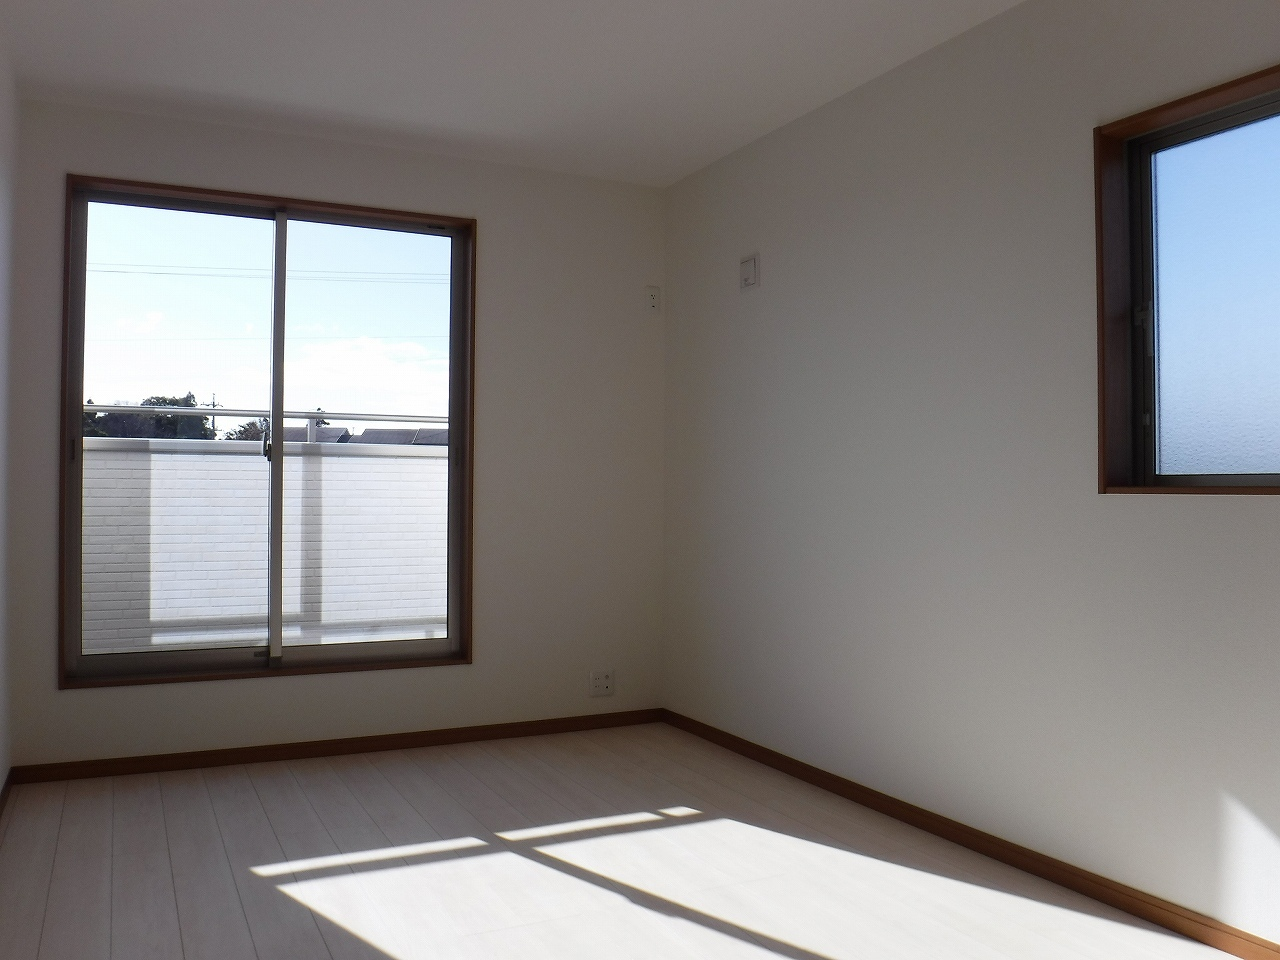 ゆとりある約9帖の主寝室!施工事例。実際のものと異なります。